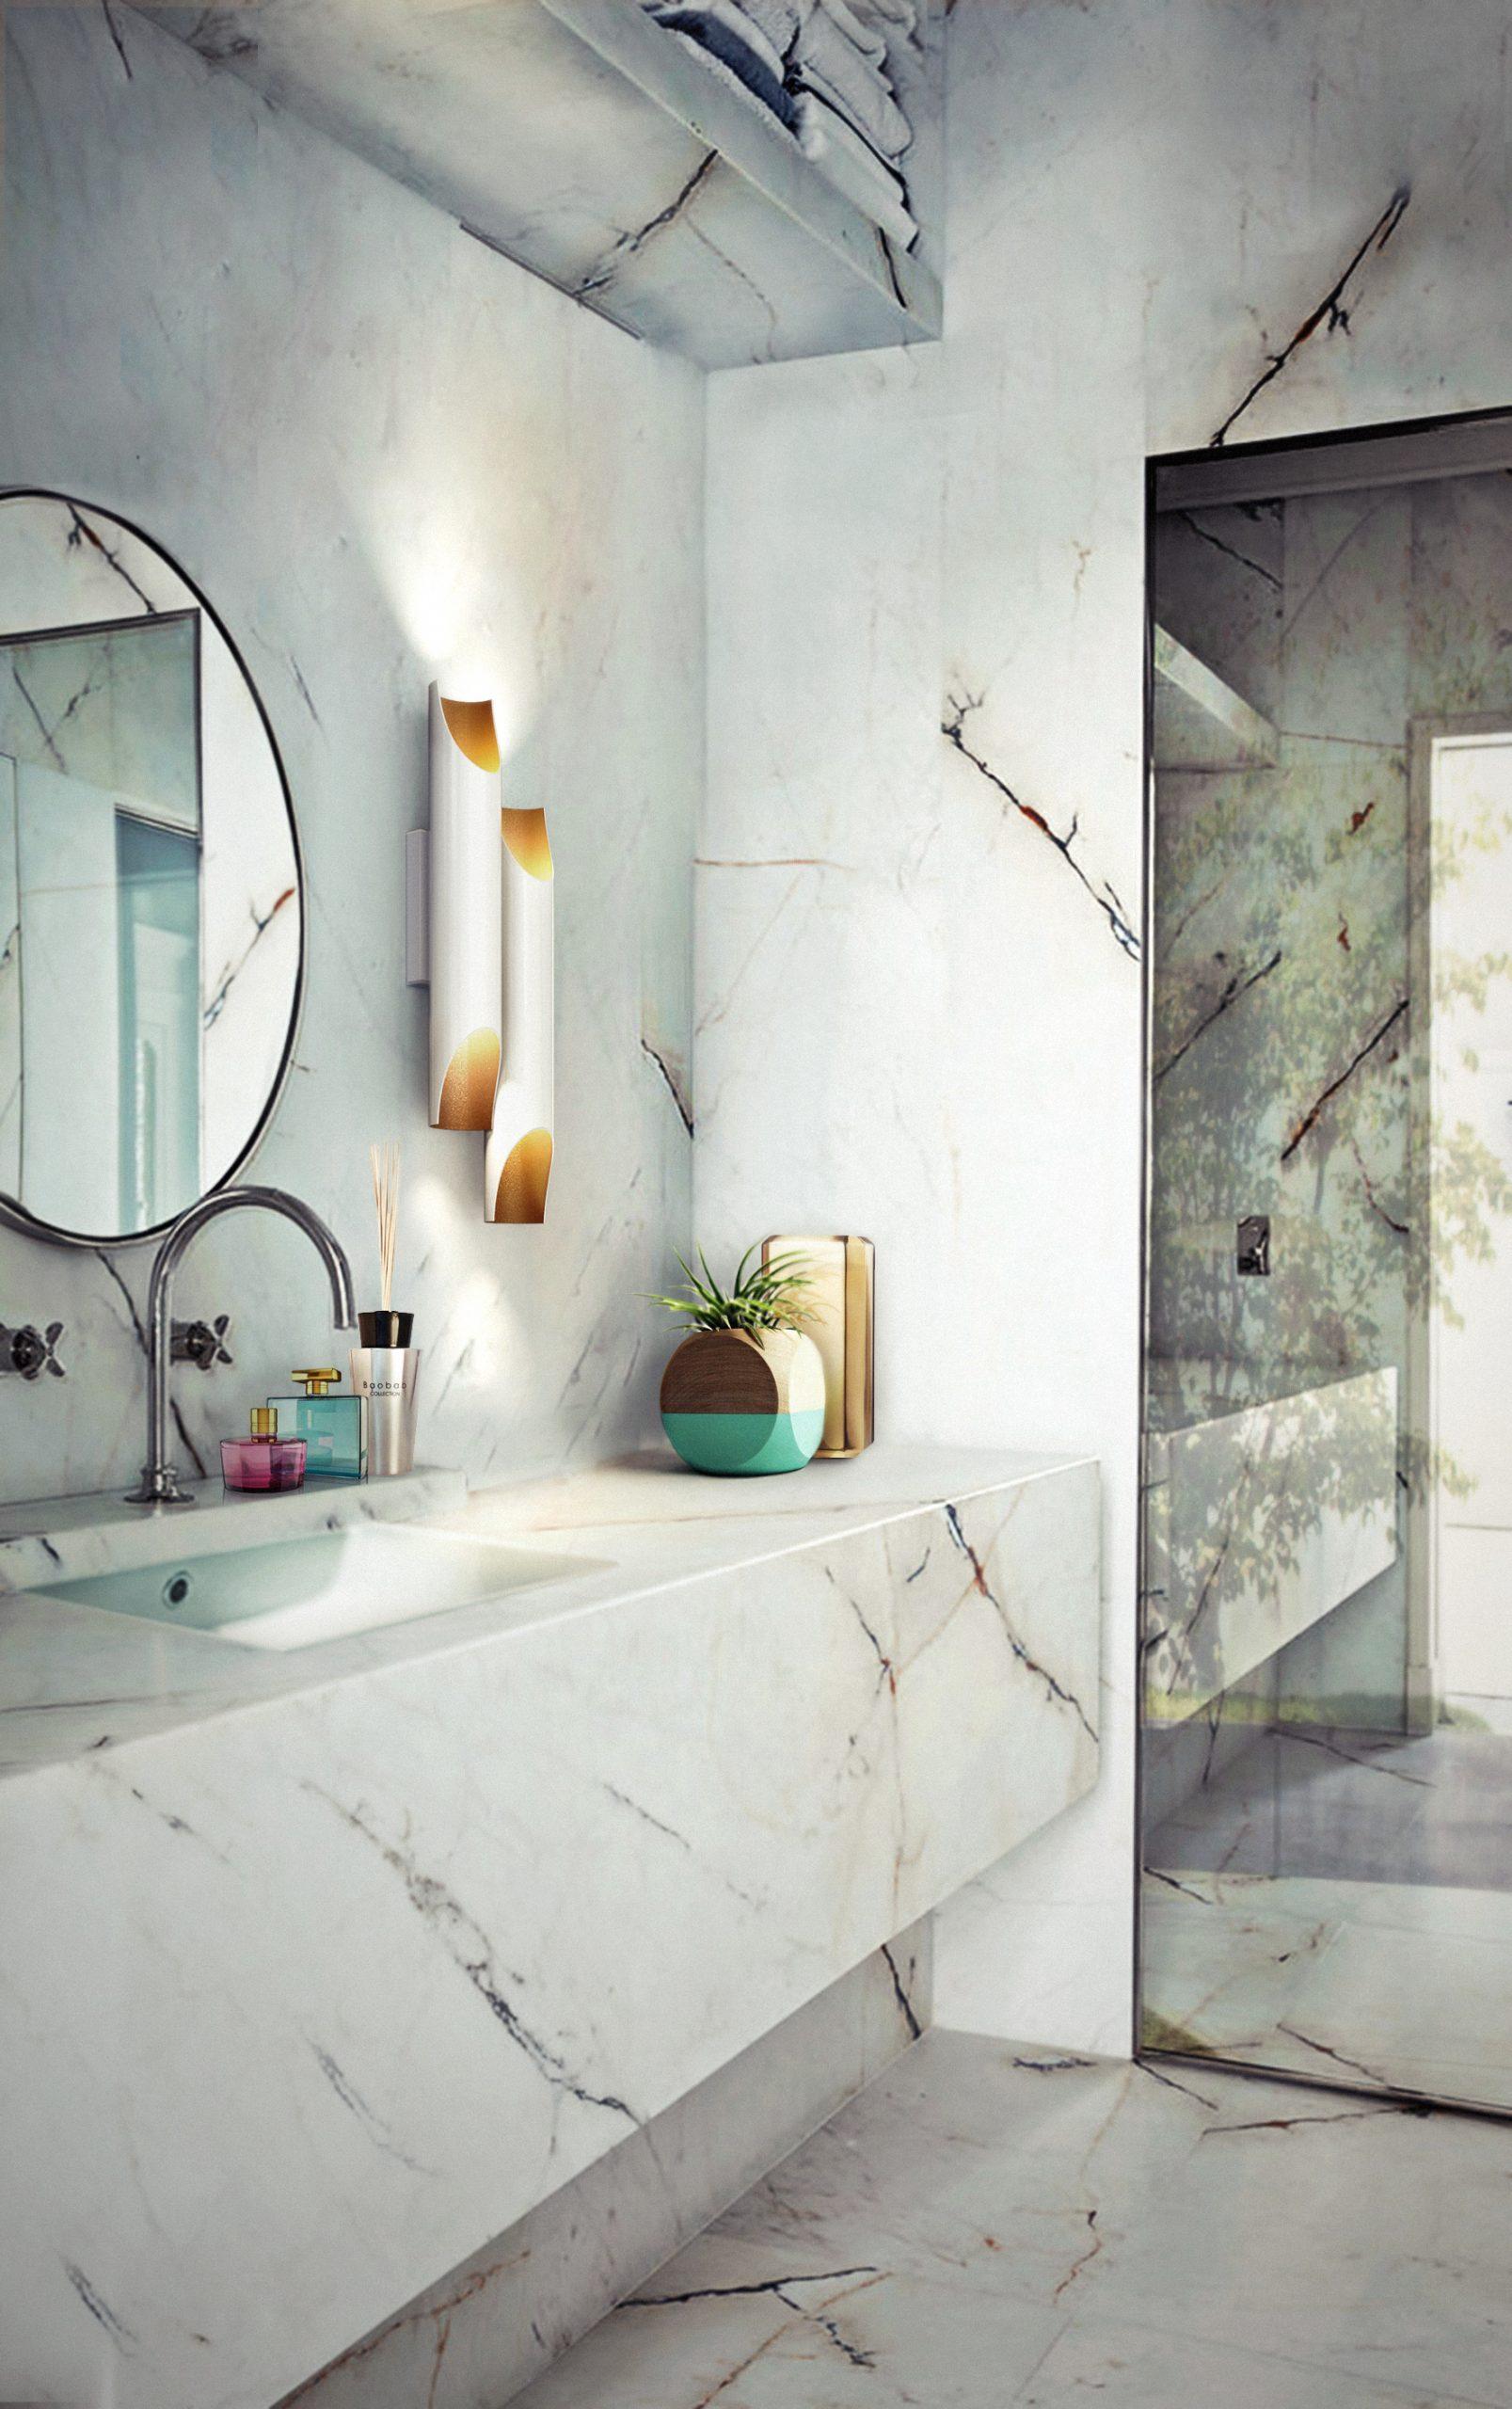 🛀 These Stunning Spanish Bathroom Décor Ideas Are Our Dream Relax Spot!  spanish bathroom décor ideas 🛀 These Stunning Spanish Bathroom Décor Ideas Are Our Dream Relax Spot! 21 scaled